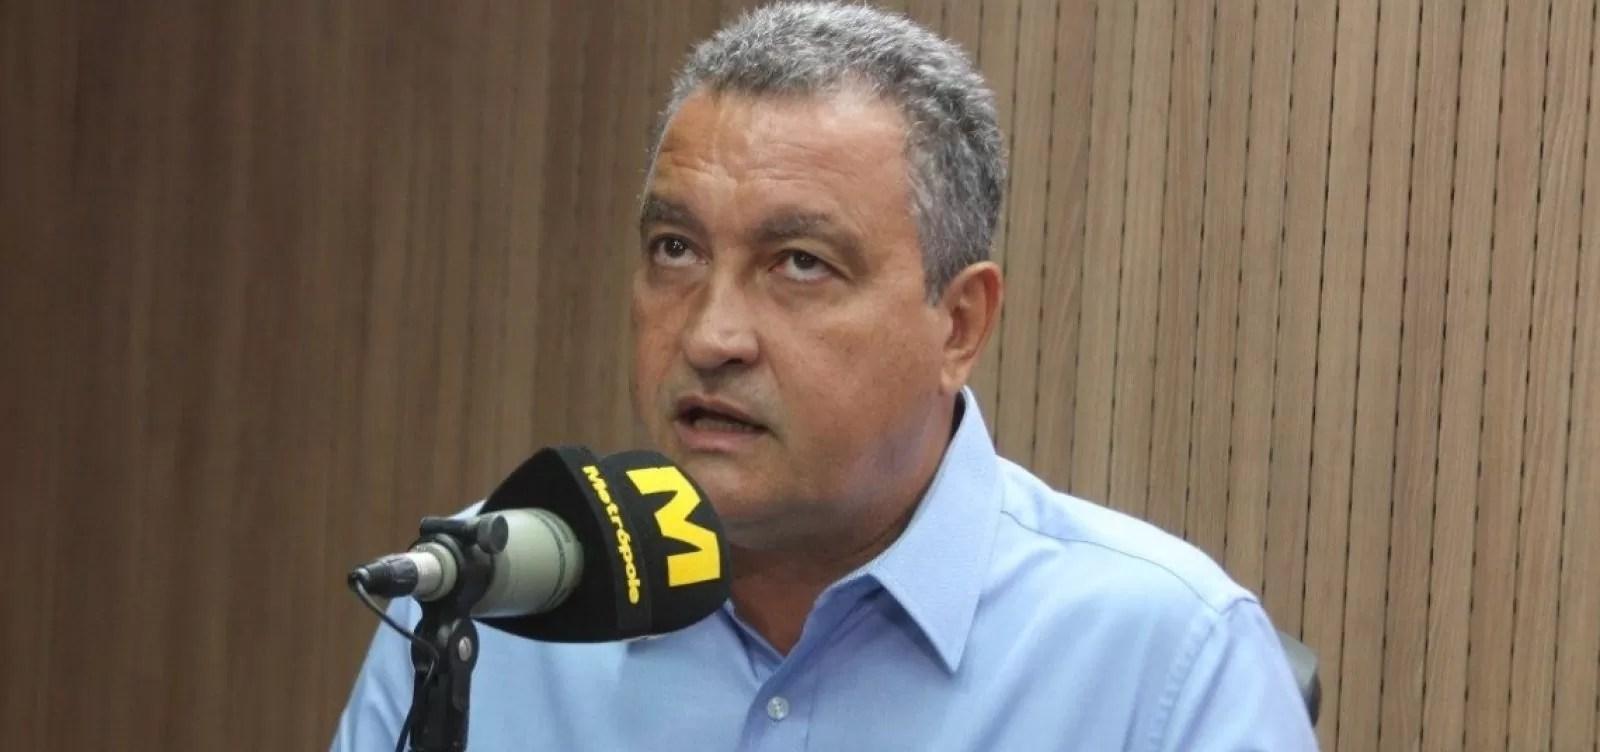 Governador questiona destino de privatização da Coelba: 'Não foi parar na previdência'